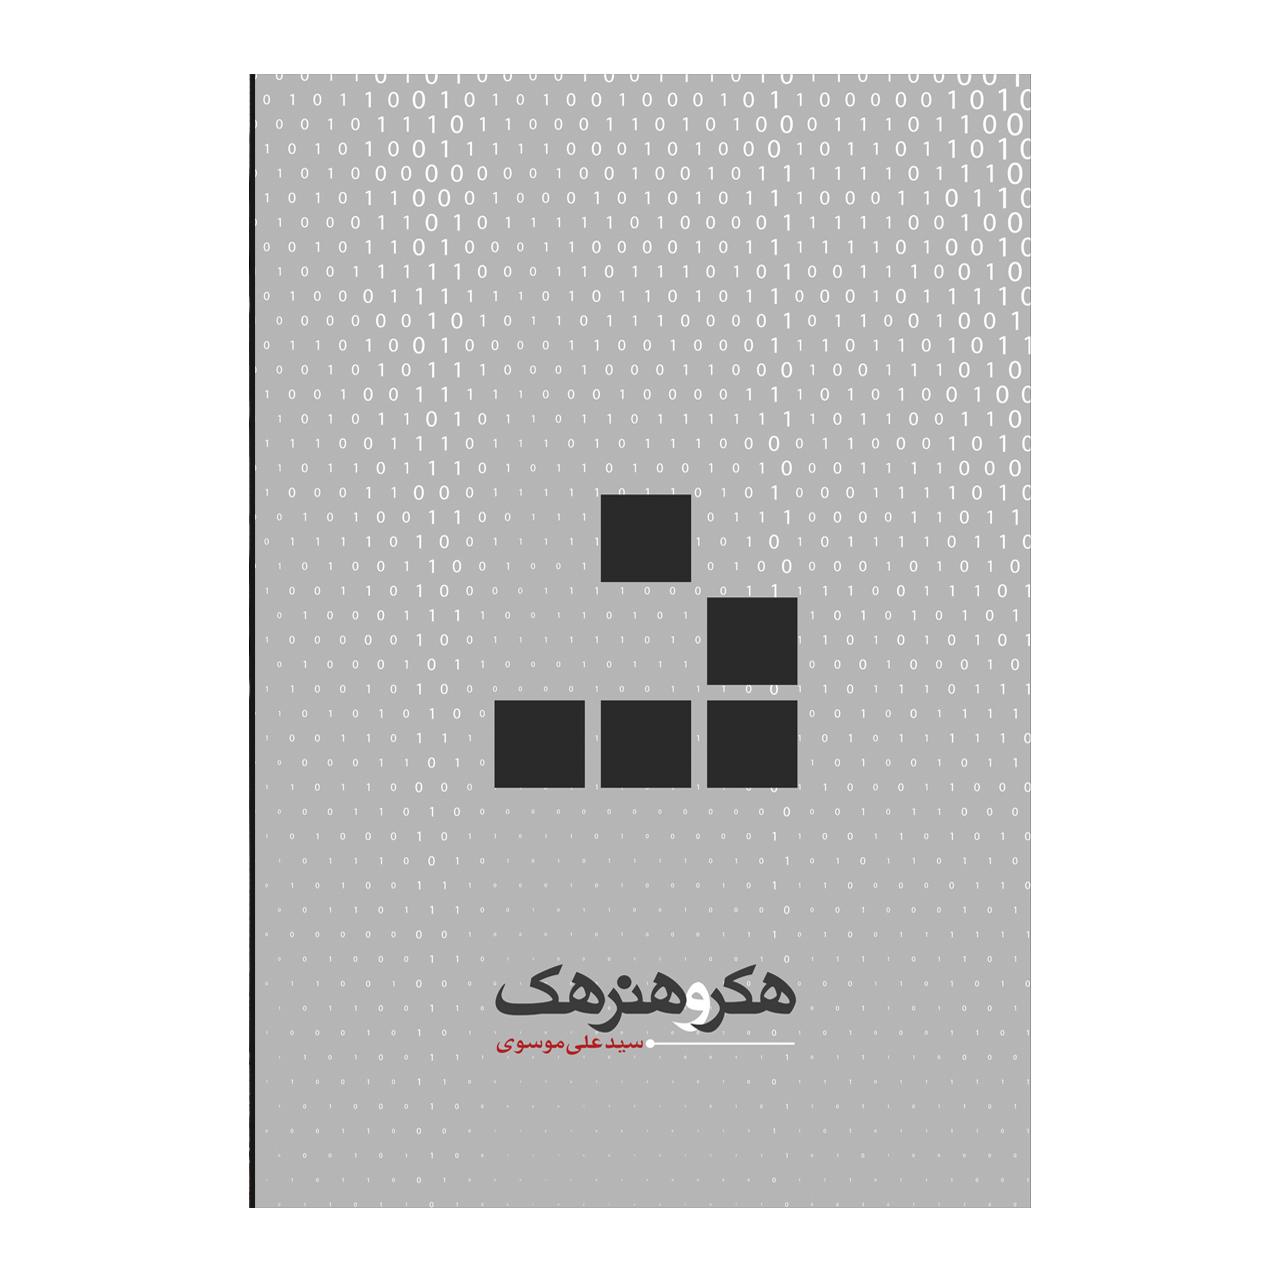 خرید                      کتاب هکر و هنر هک اثر دکتر سید علی موسوی